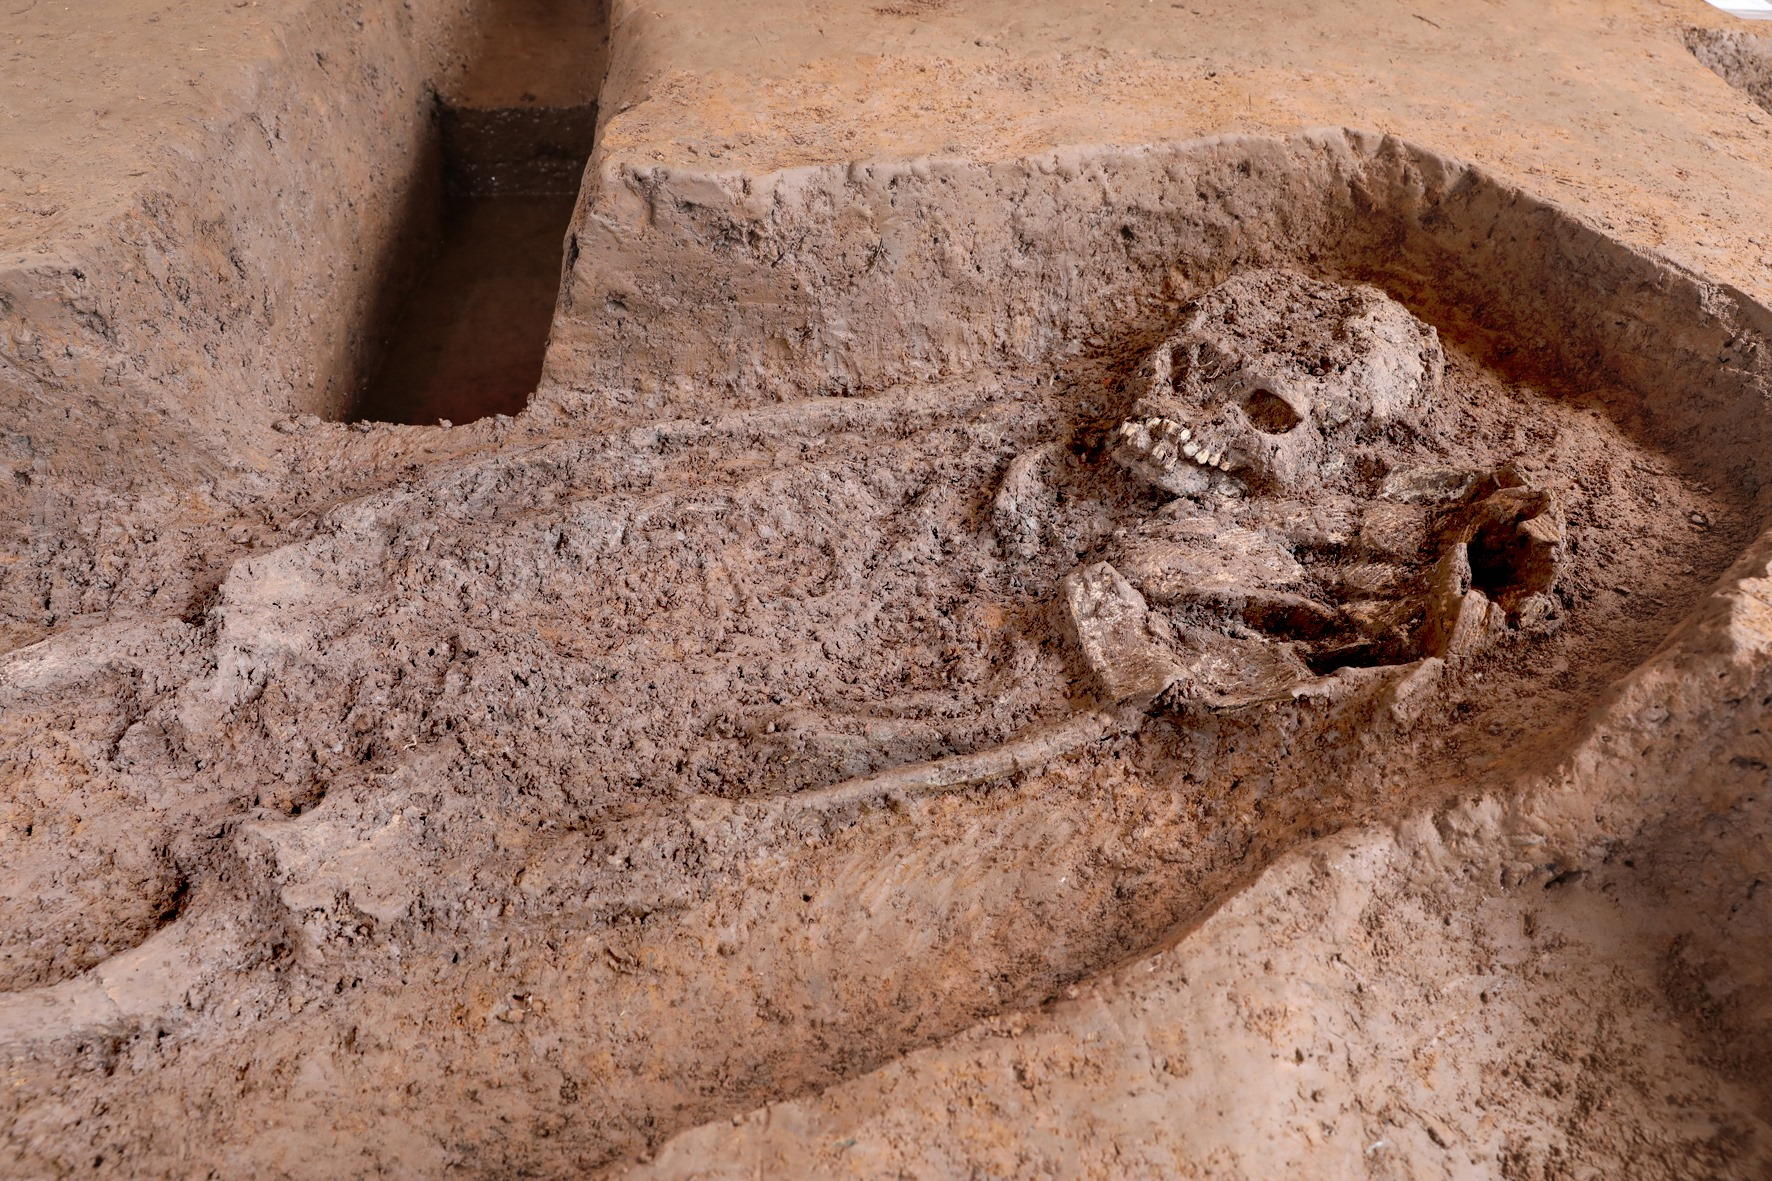 Đợt khai quật lần này phát hiện 10 mộ táng Đông Sơn phân bố đậm đặc trong một phạm vi chưa đầy 30m2 ở di chỉ Vườn Chuối. Có hai loại mộ: huyệt đất và mộ nồi vò, đồ tuỳ táng có gốm và rìu đồng Ảnh: Nguyễn Văn Thắng.